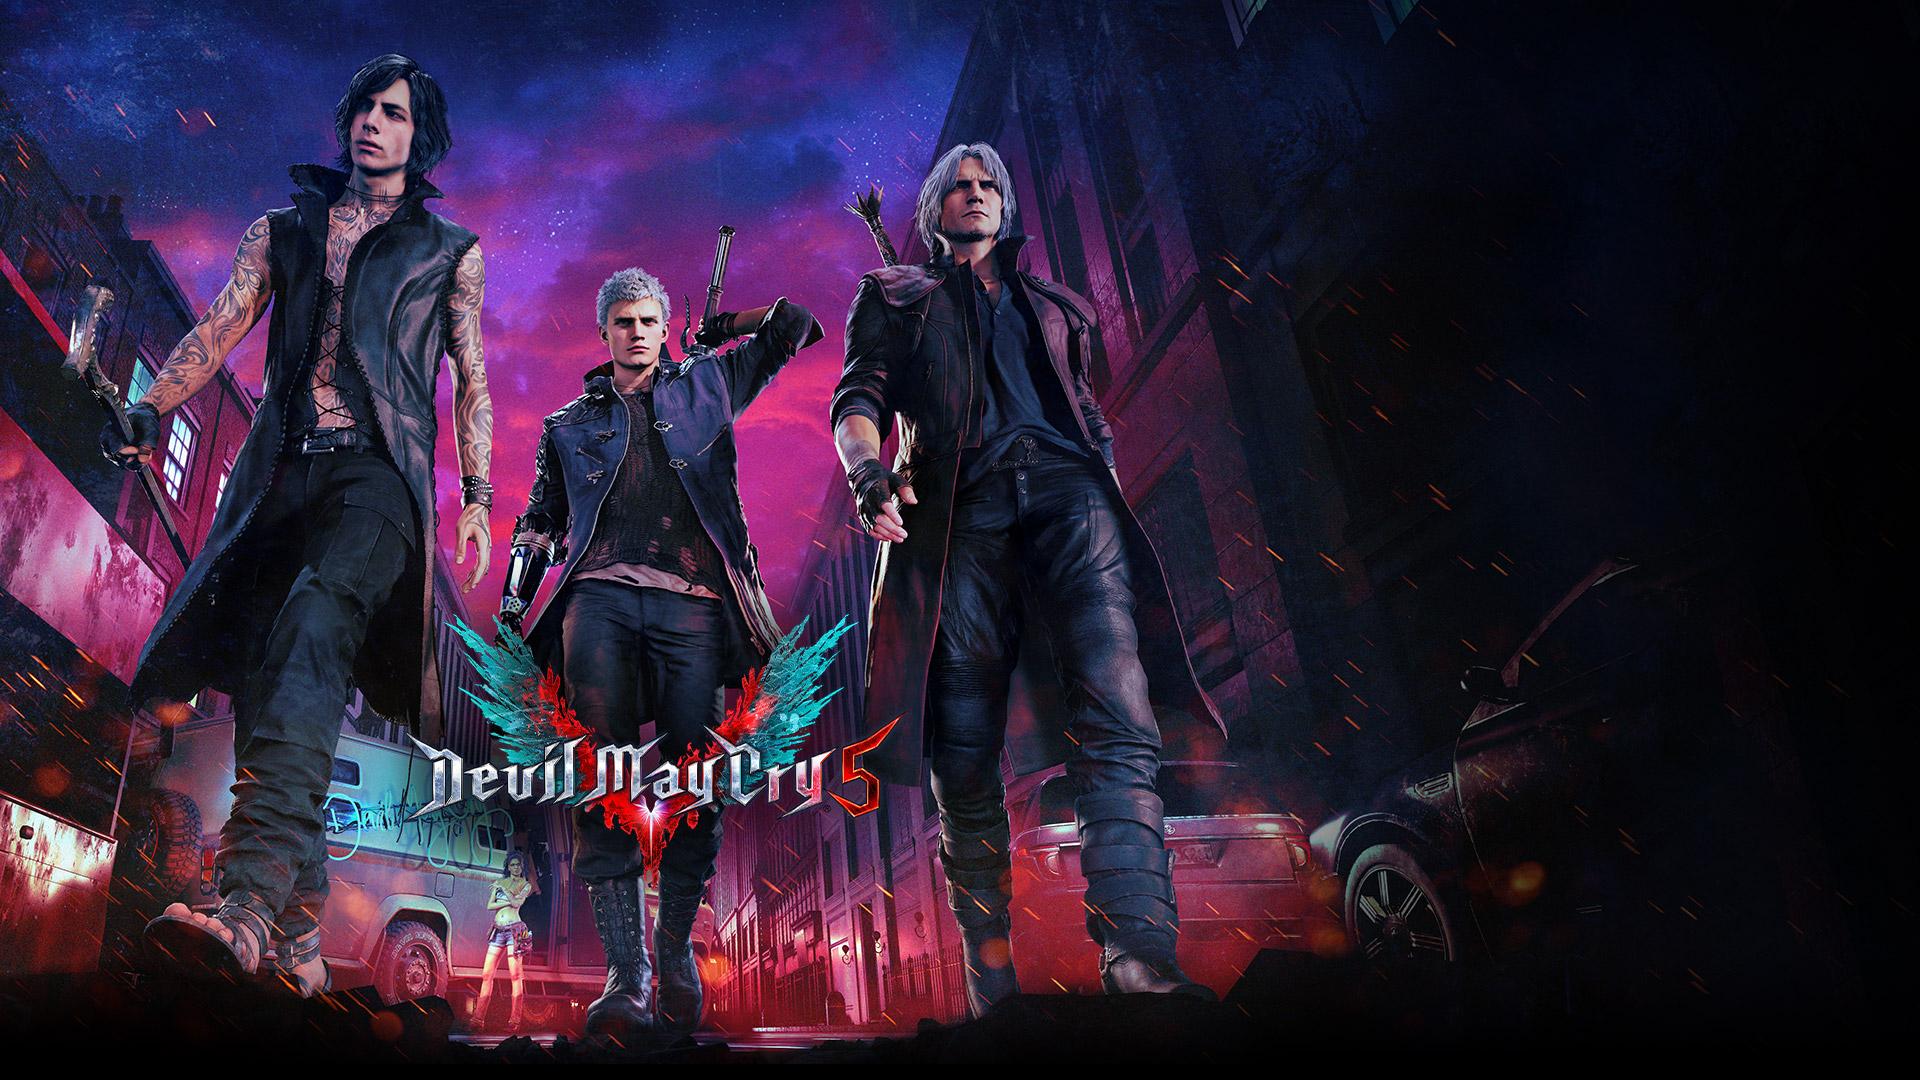 Devil May Cry5, chasseur de démons Nero, Dante, et V déambulant dans une rue